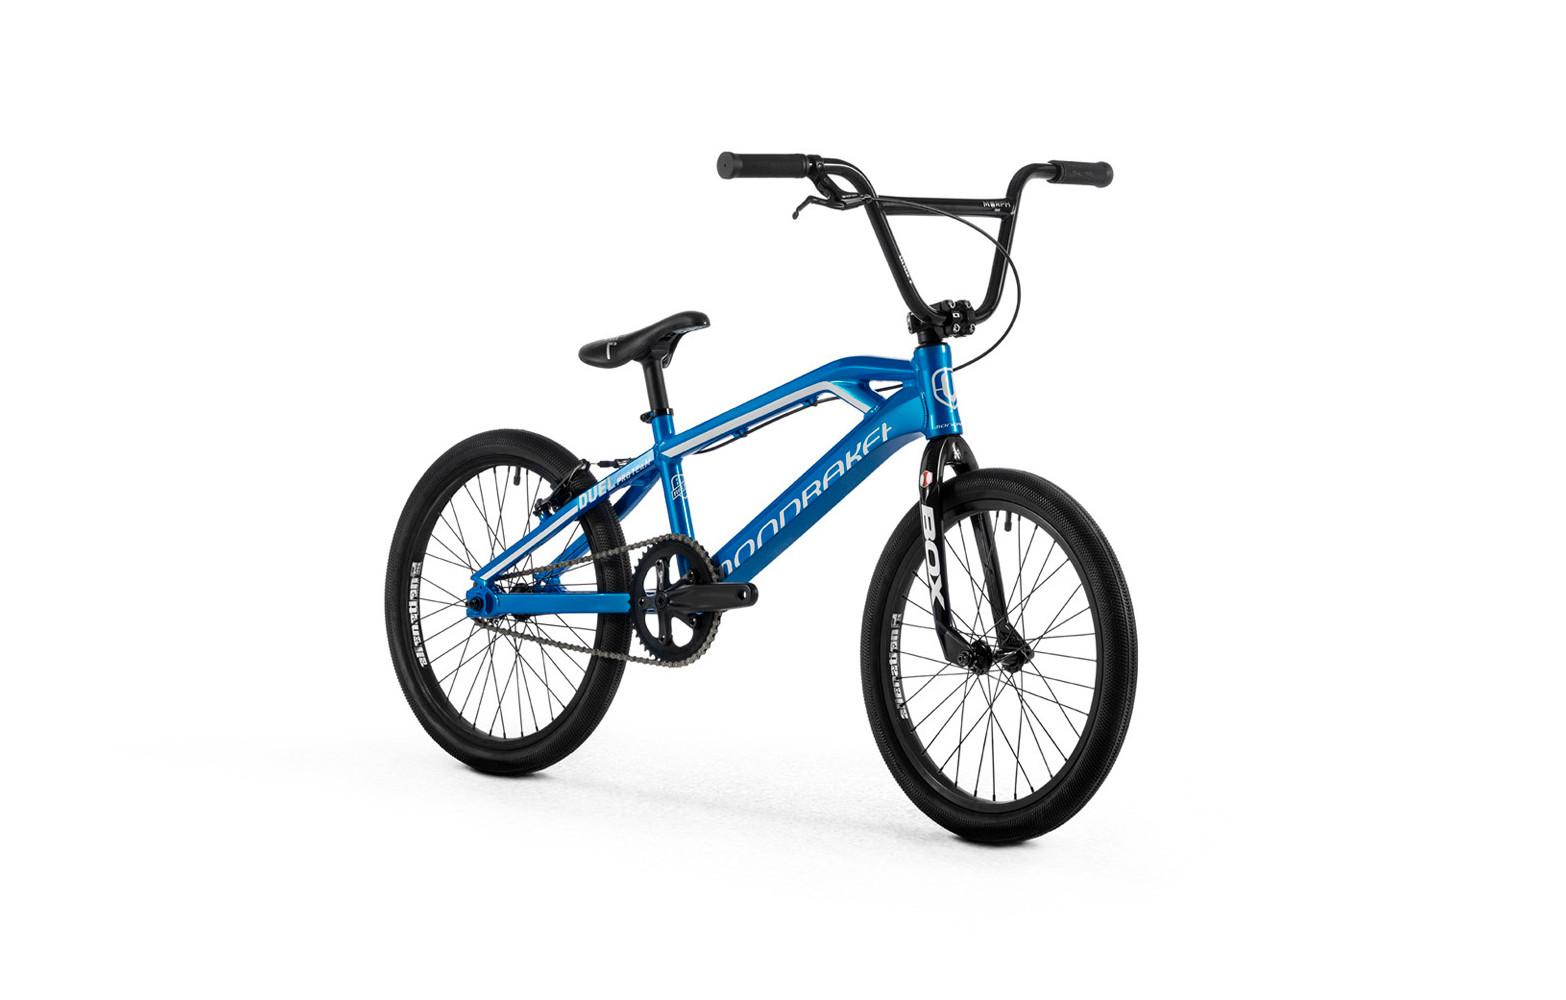 mondraker duel pro team bmx bike blue 2015. Black Bedroom Furniture Sets. Home Design Ideas